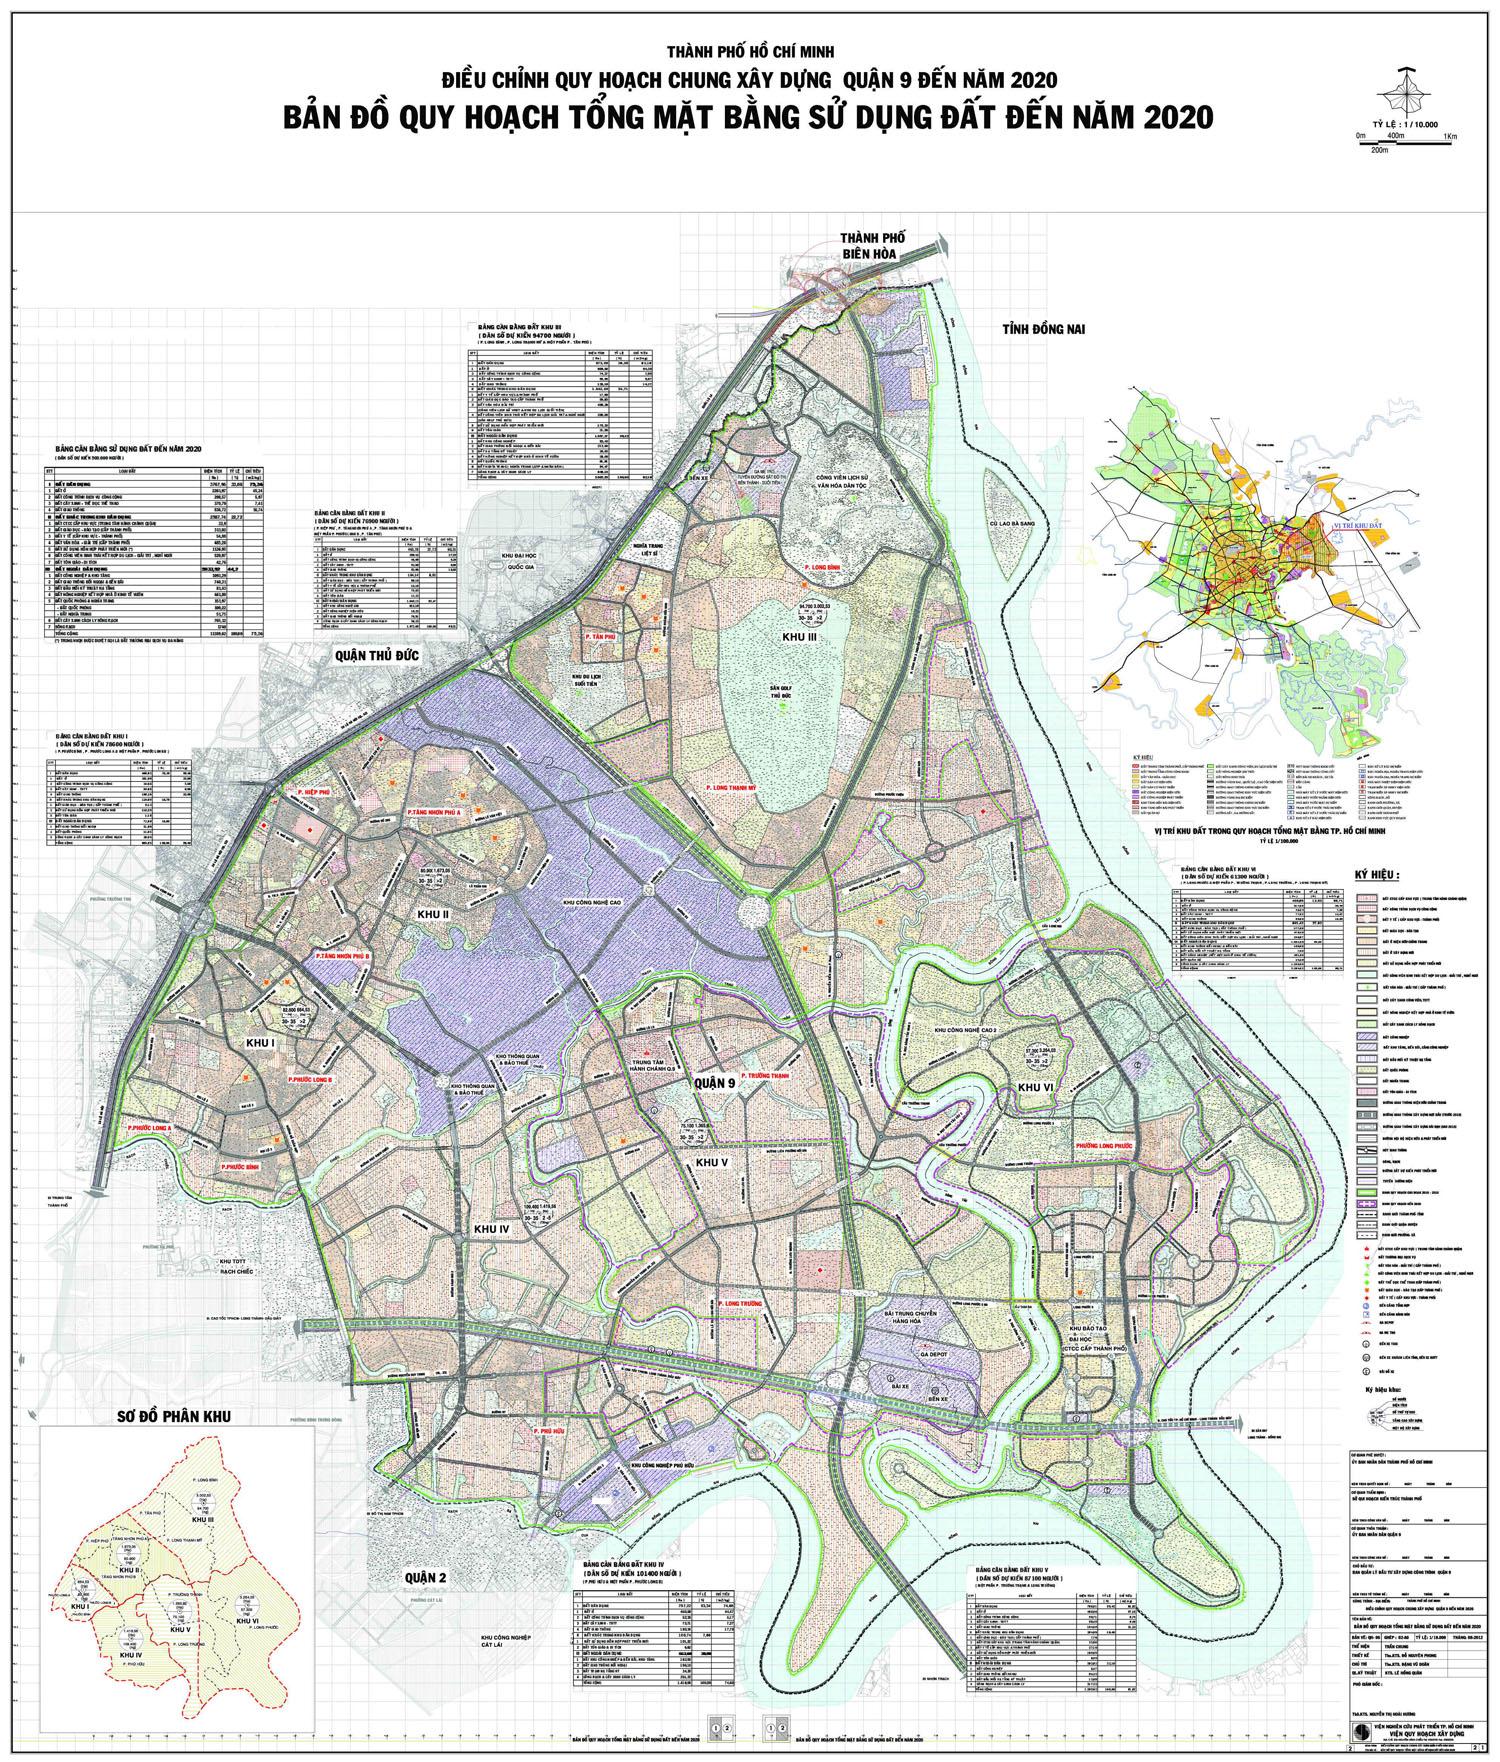 Bản đồ quy hoạch, các phường và dự án tại quận 9